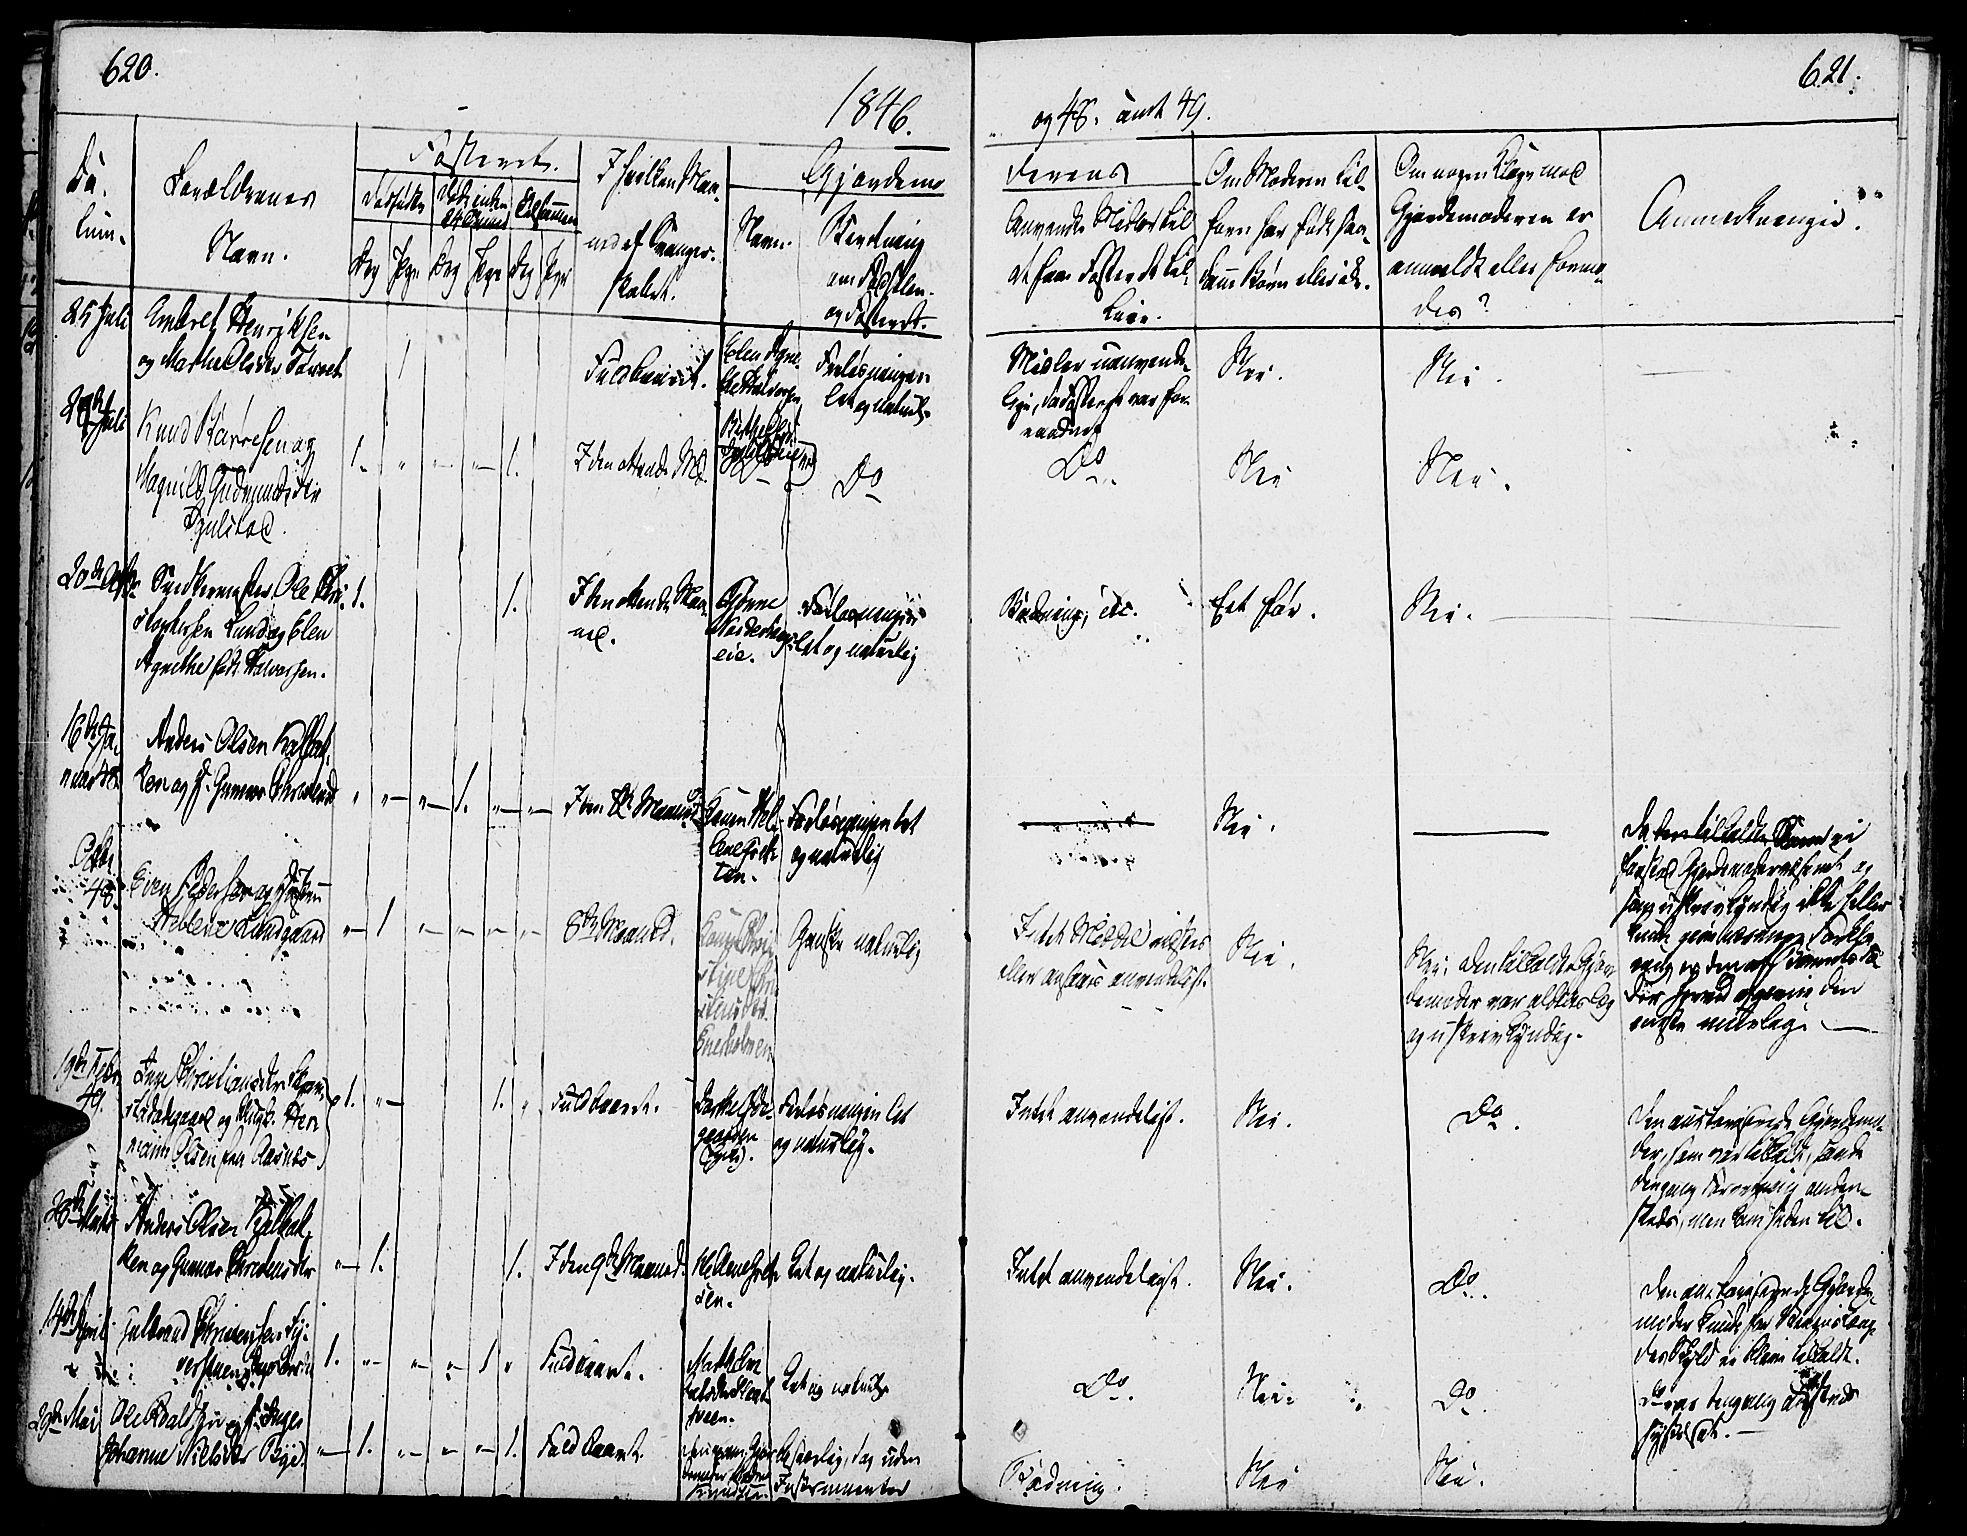 SAH, Løten prestekontor, K/Ka/L0006: Parish register (official) no. 6, 1832-1849, p. 620-621